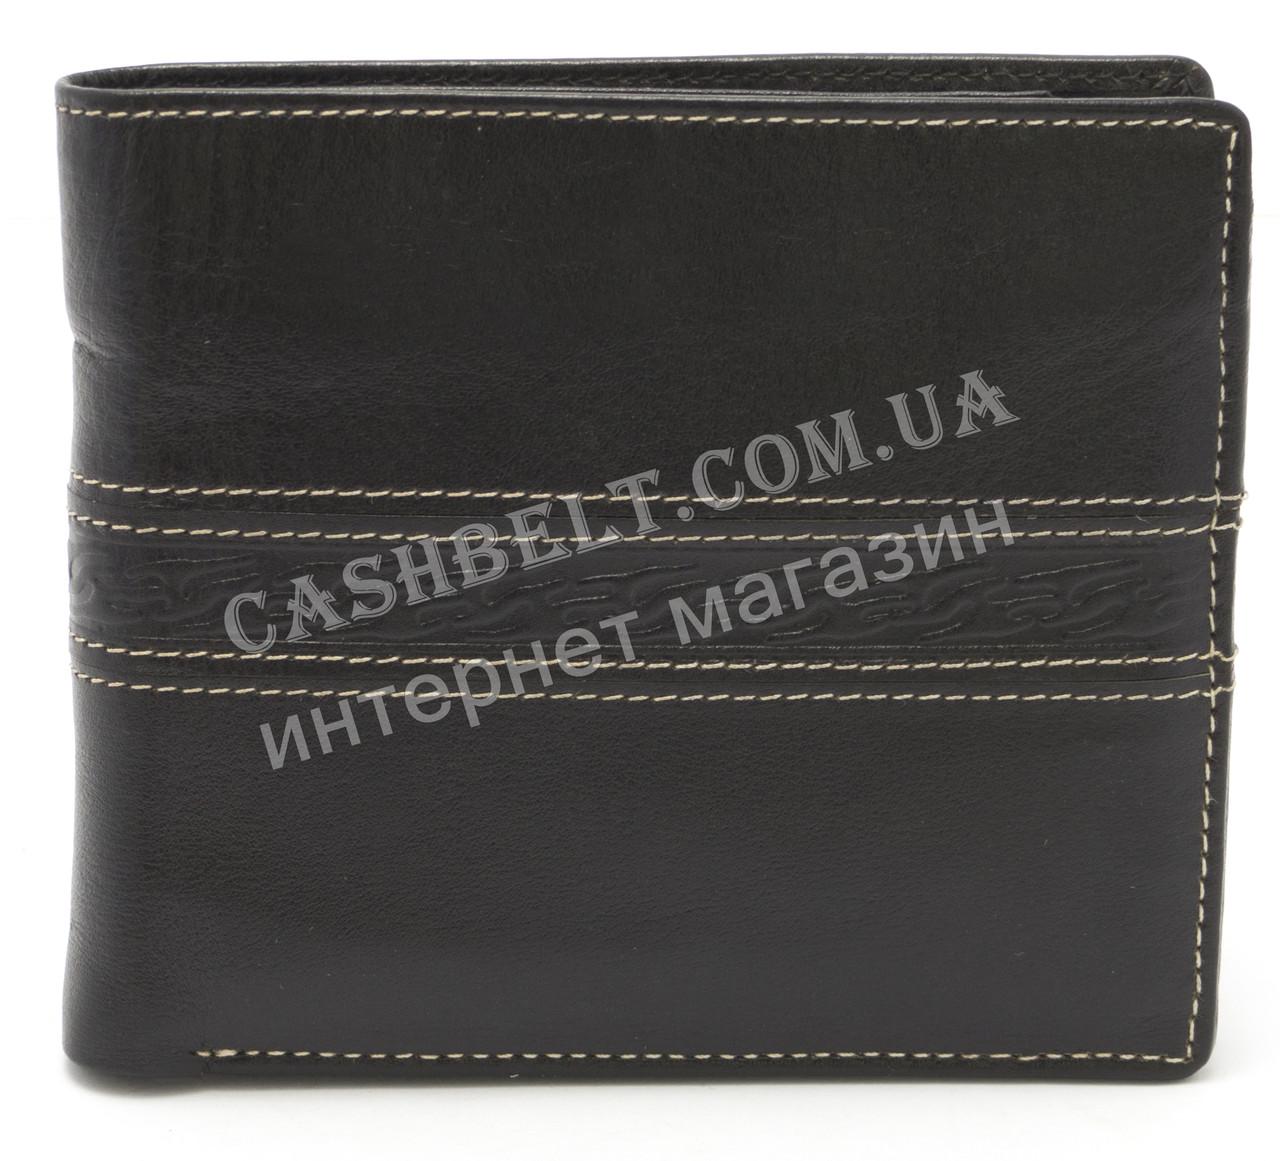 Стильный практичный кожаный мужской кошелек WENZ art. 637 черного цвета